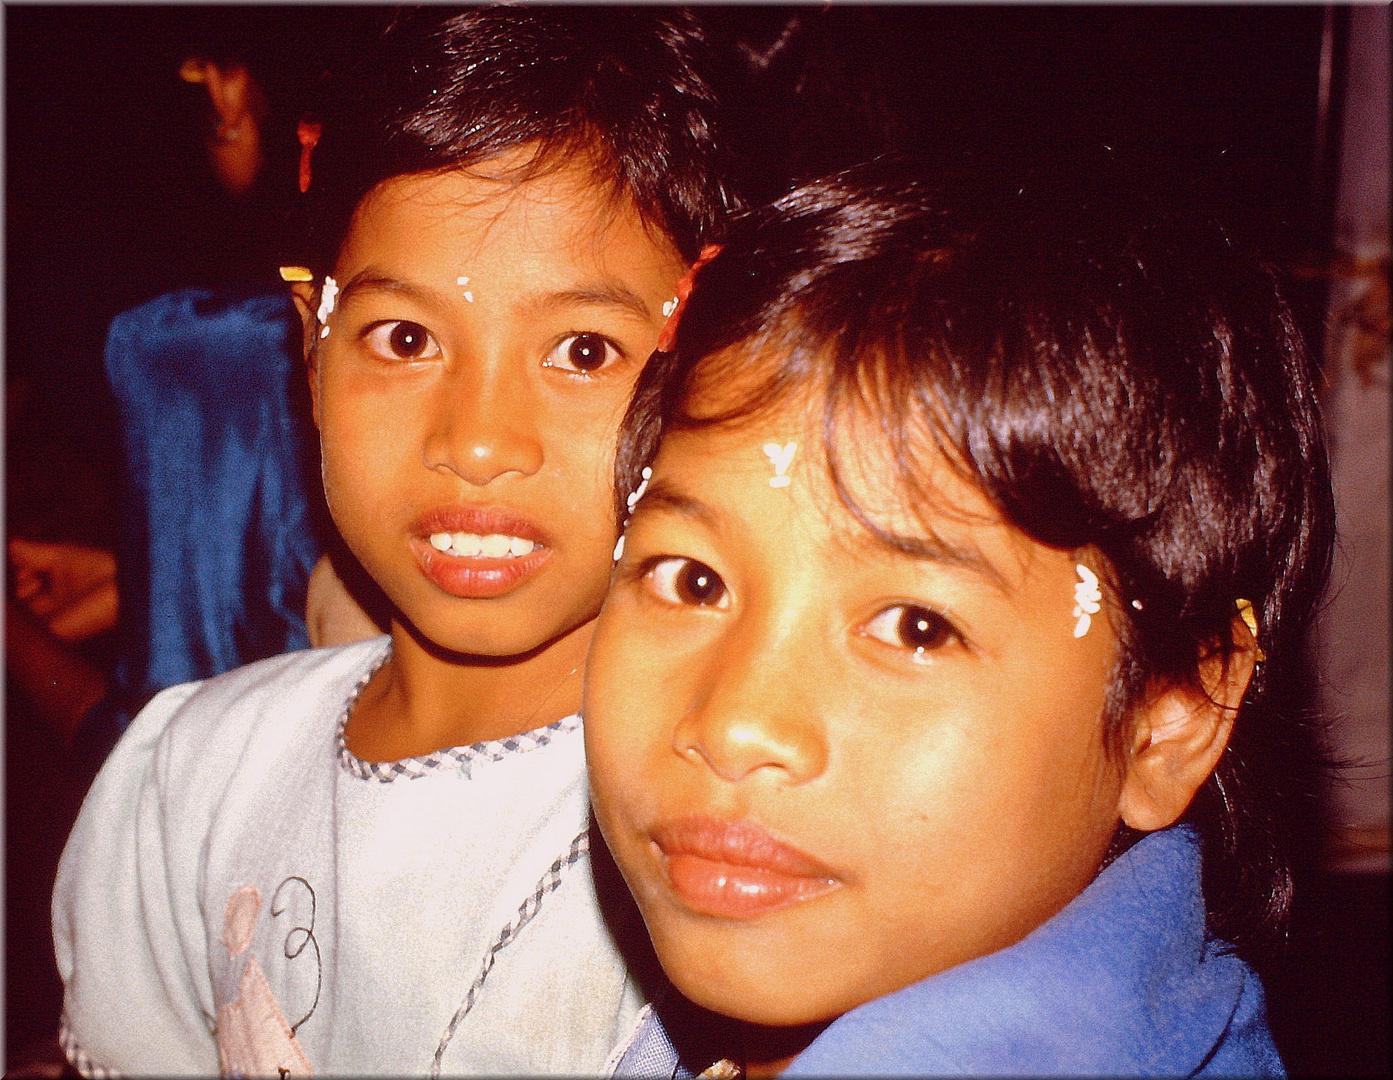 balinesische Kinder beim nächtlichen Tempelfest